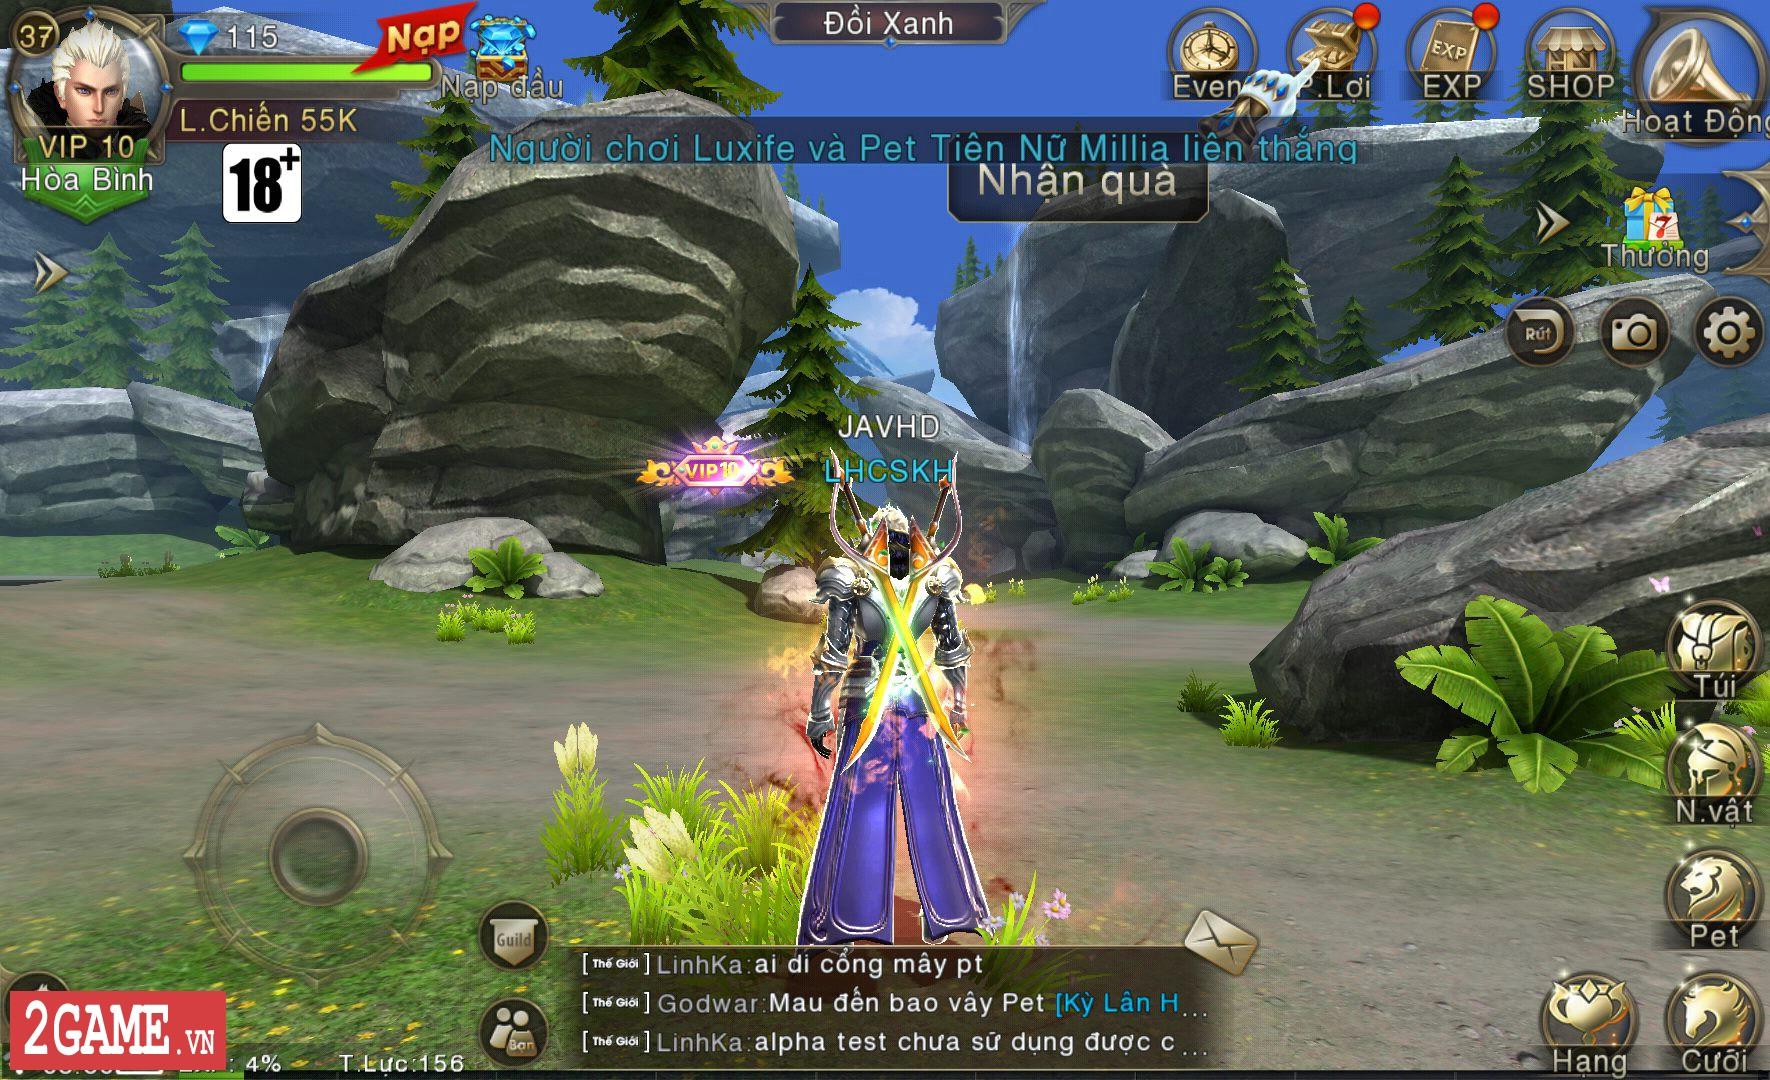 5 game online đã ấn định ngày ra mắt chính thức tại làng game Việt trong tháng 11 này 3